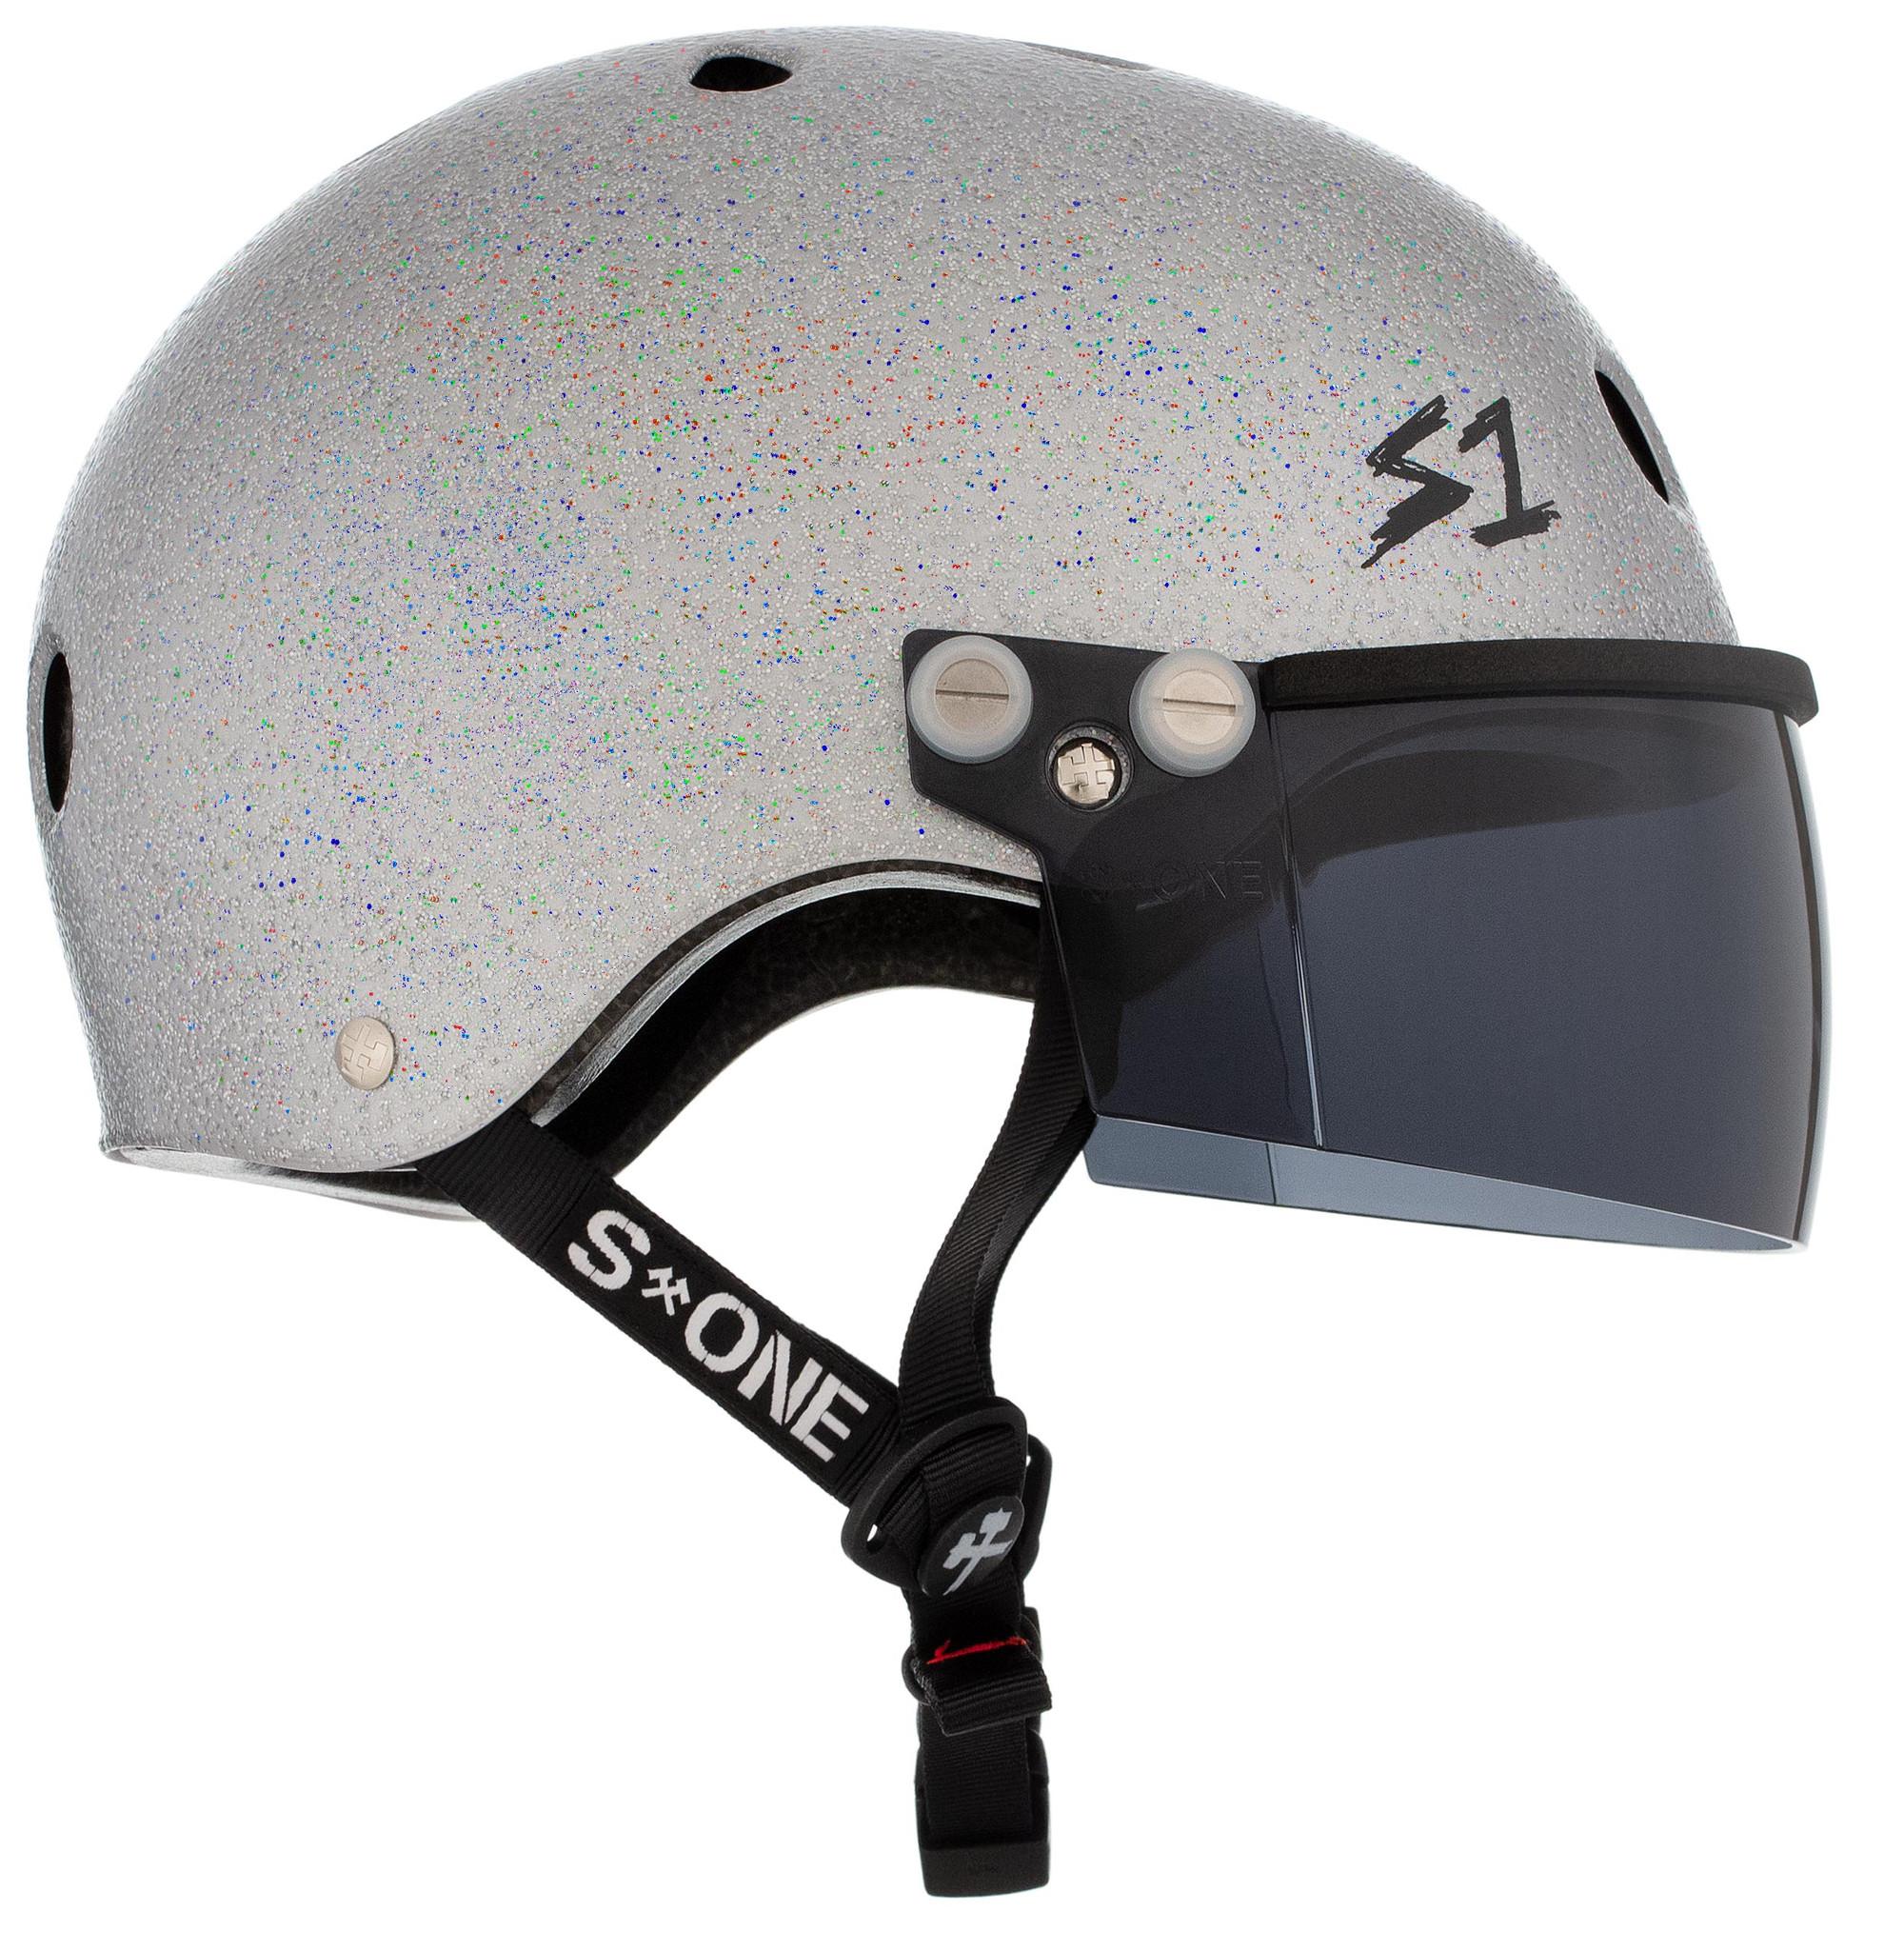 S1 Lifer Visor Gen 2 Helmet Silver Gloss Glitter